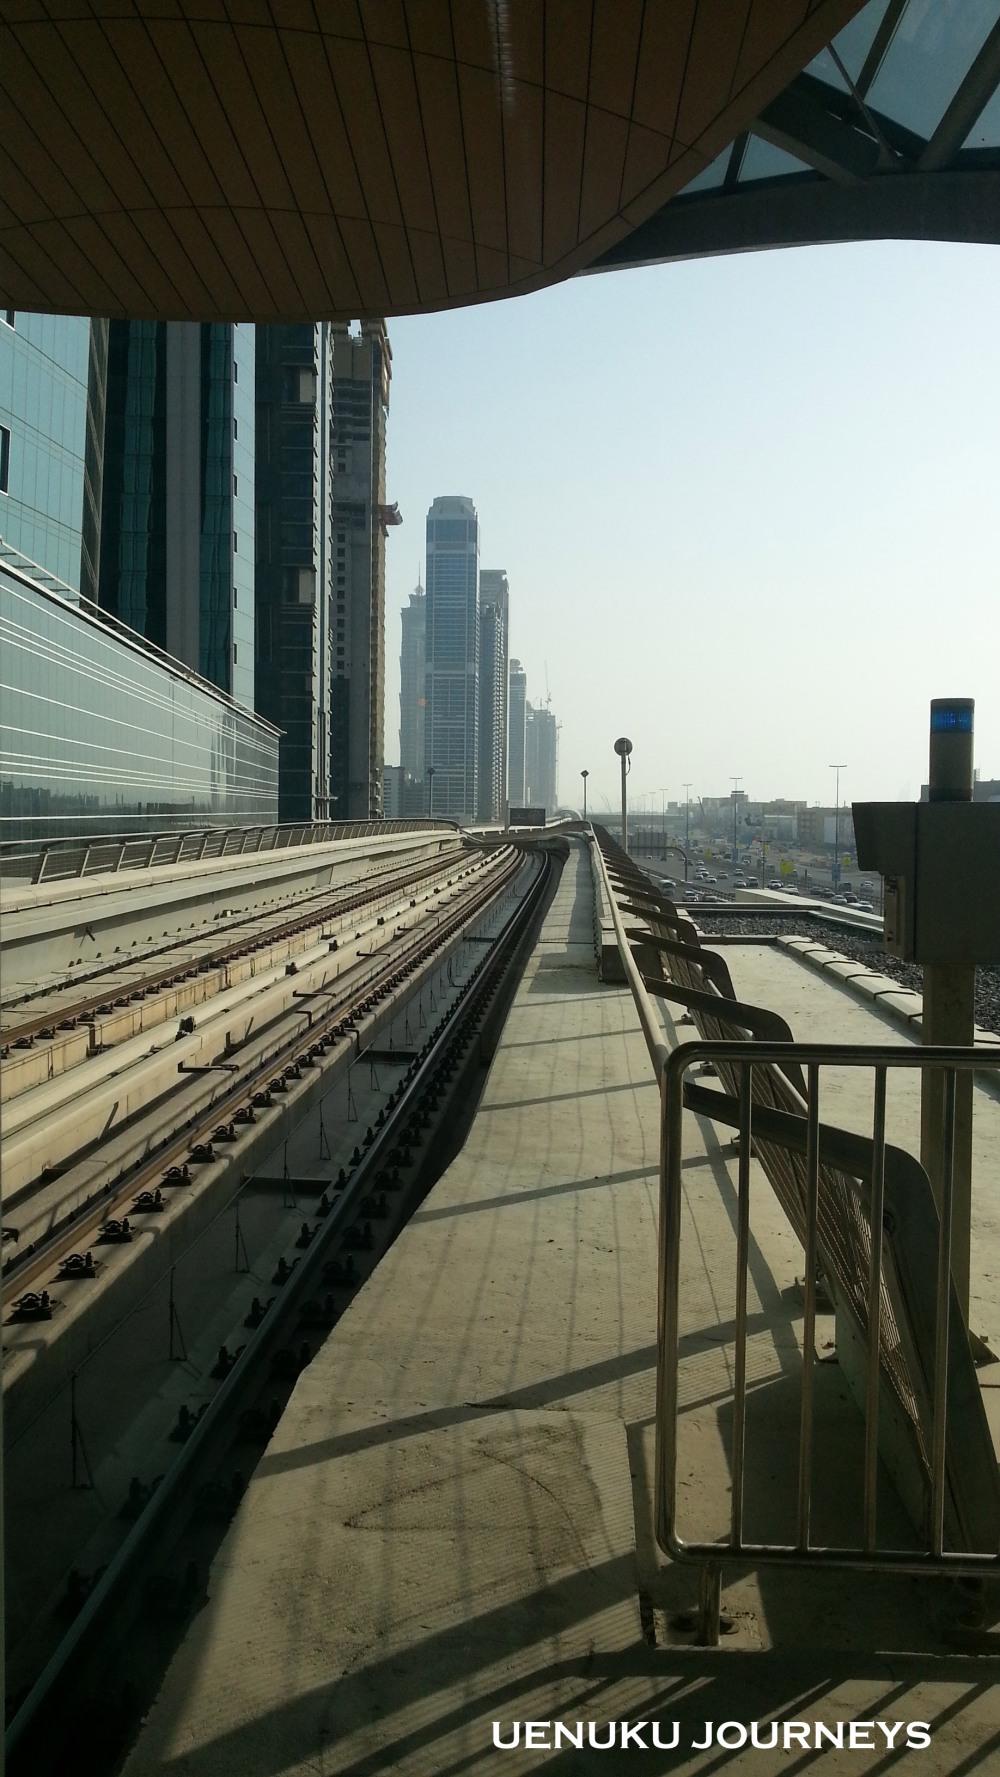 Uenuku Journeys Rail